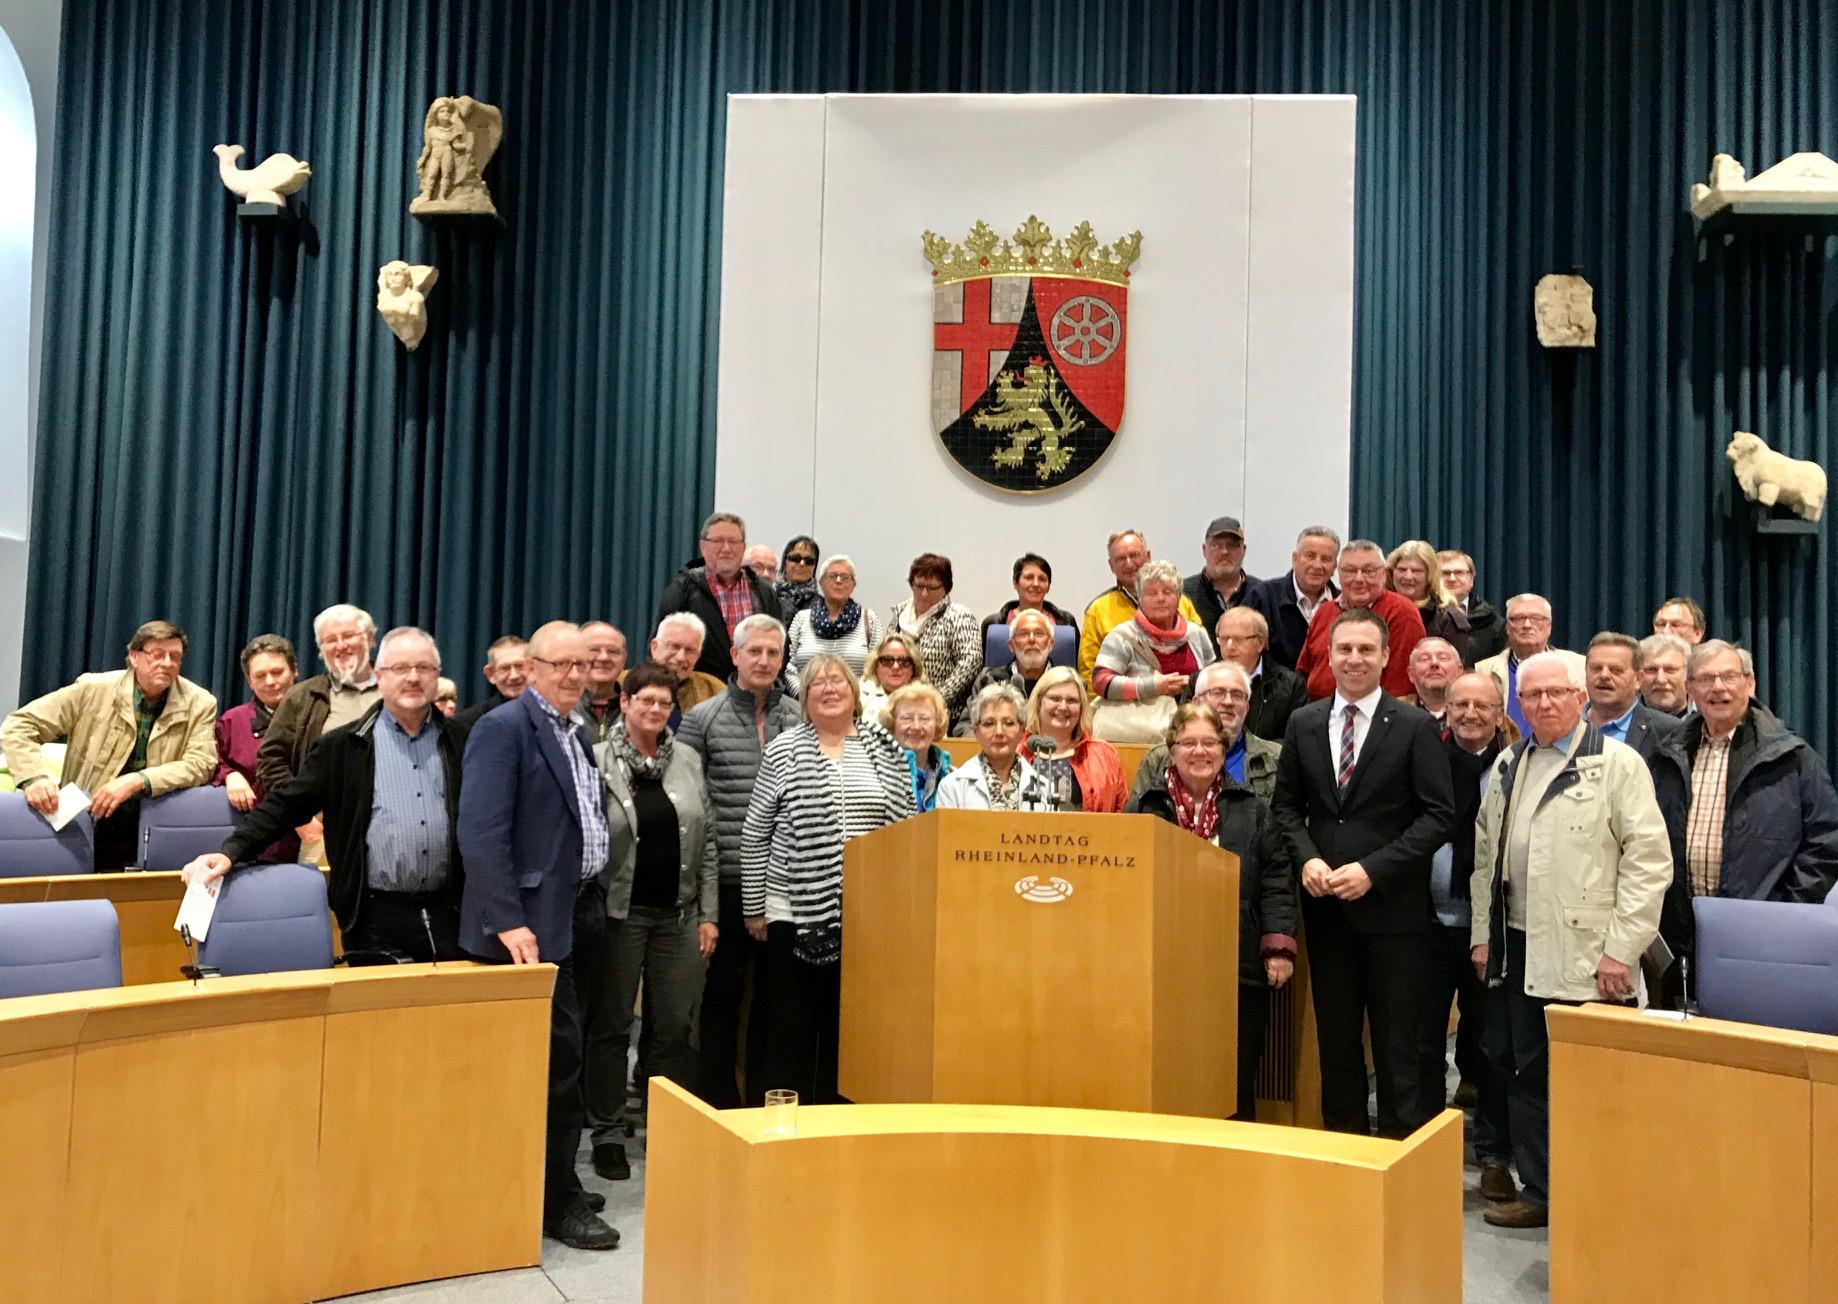 SPD Arbeitsgemeinschaft 60 plus besucht Landtag in Mainz